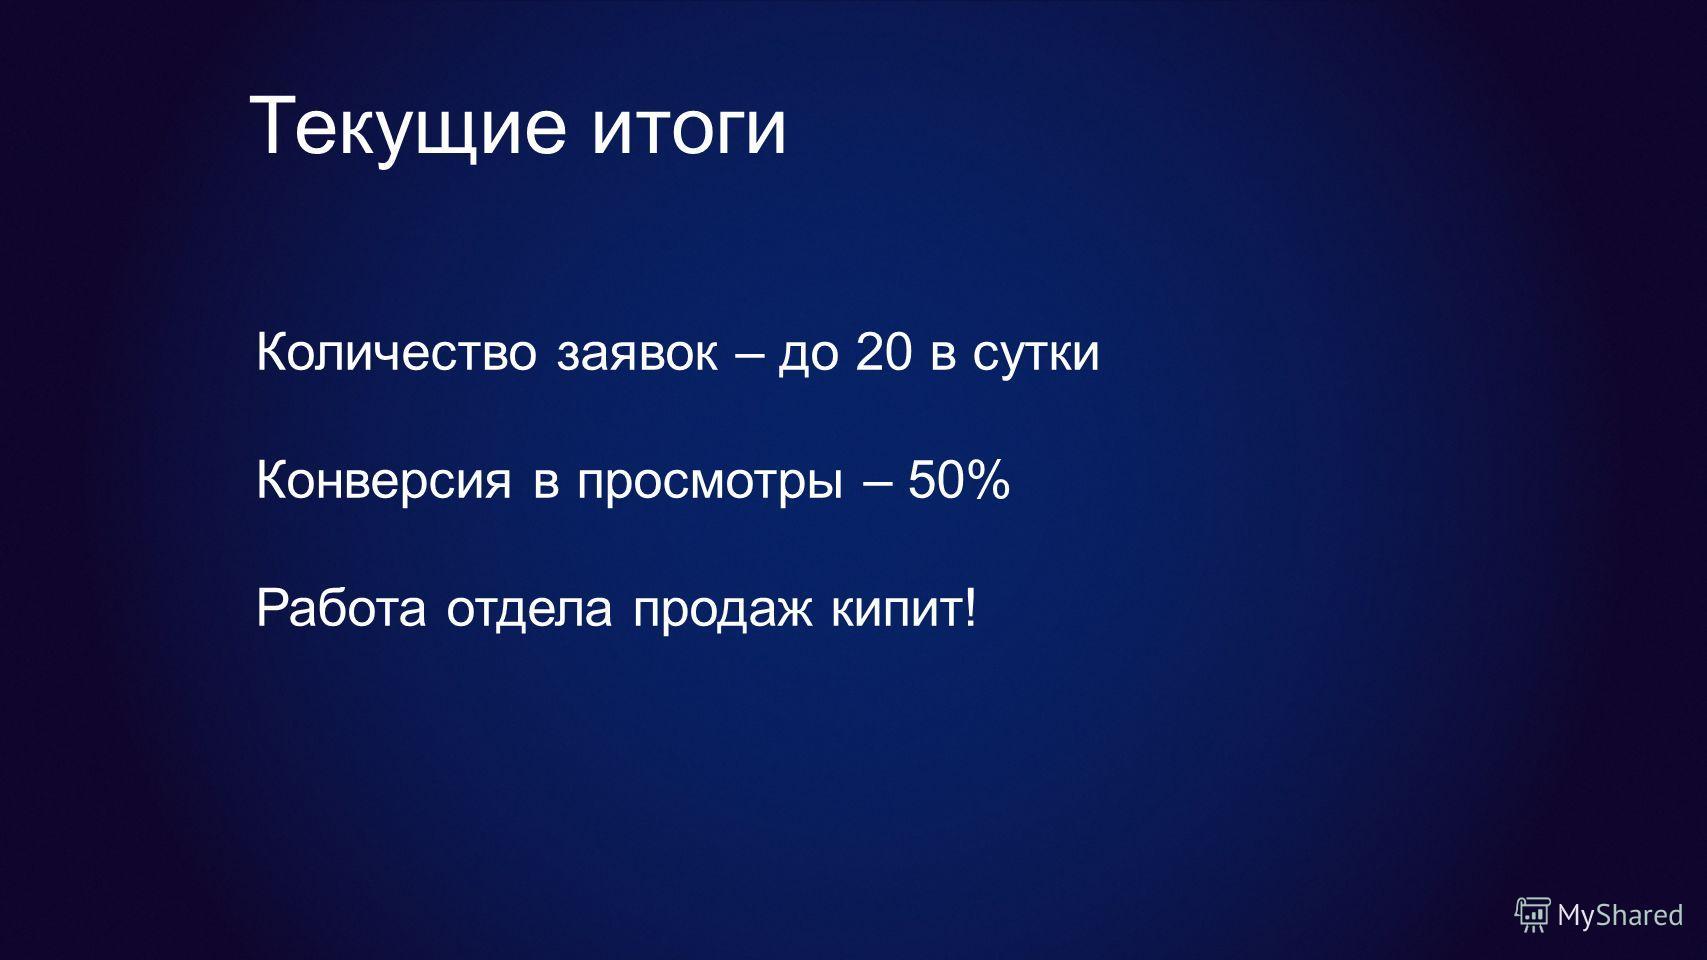 Текущие итоги Количество заявок – до 20 в сутки Конверсия в просмотры – 50% Работа отдела продаж кипит!